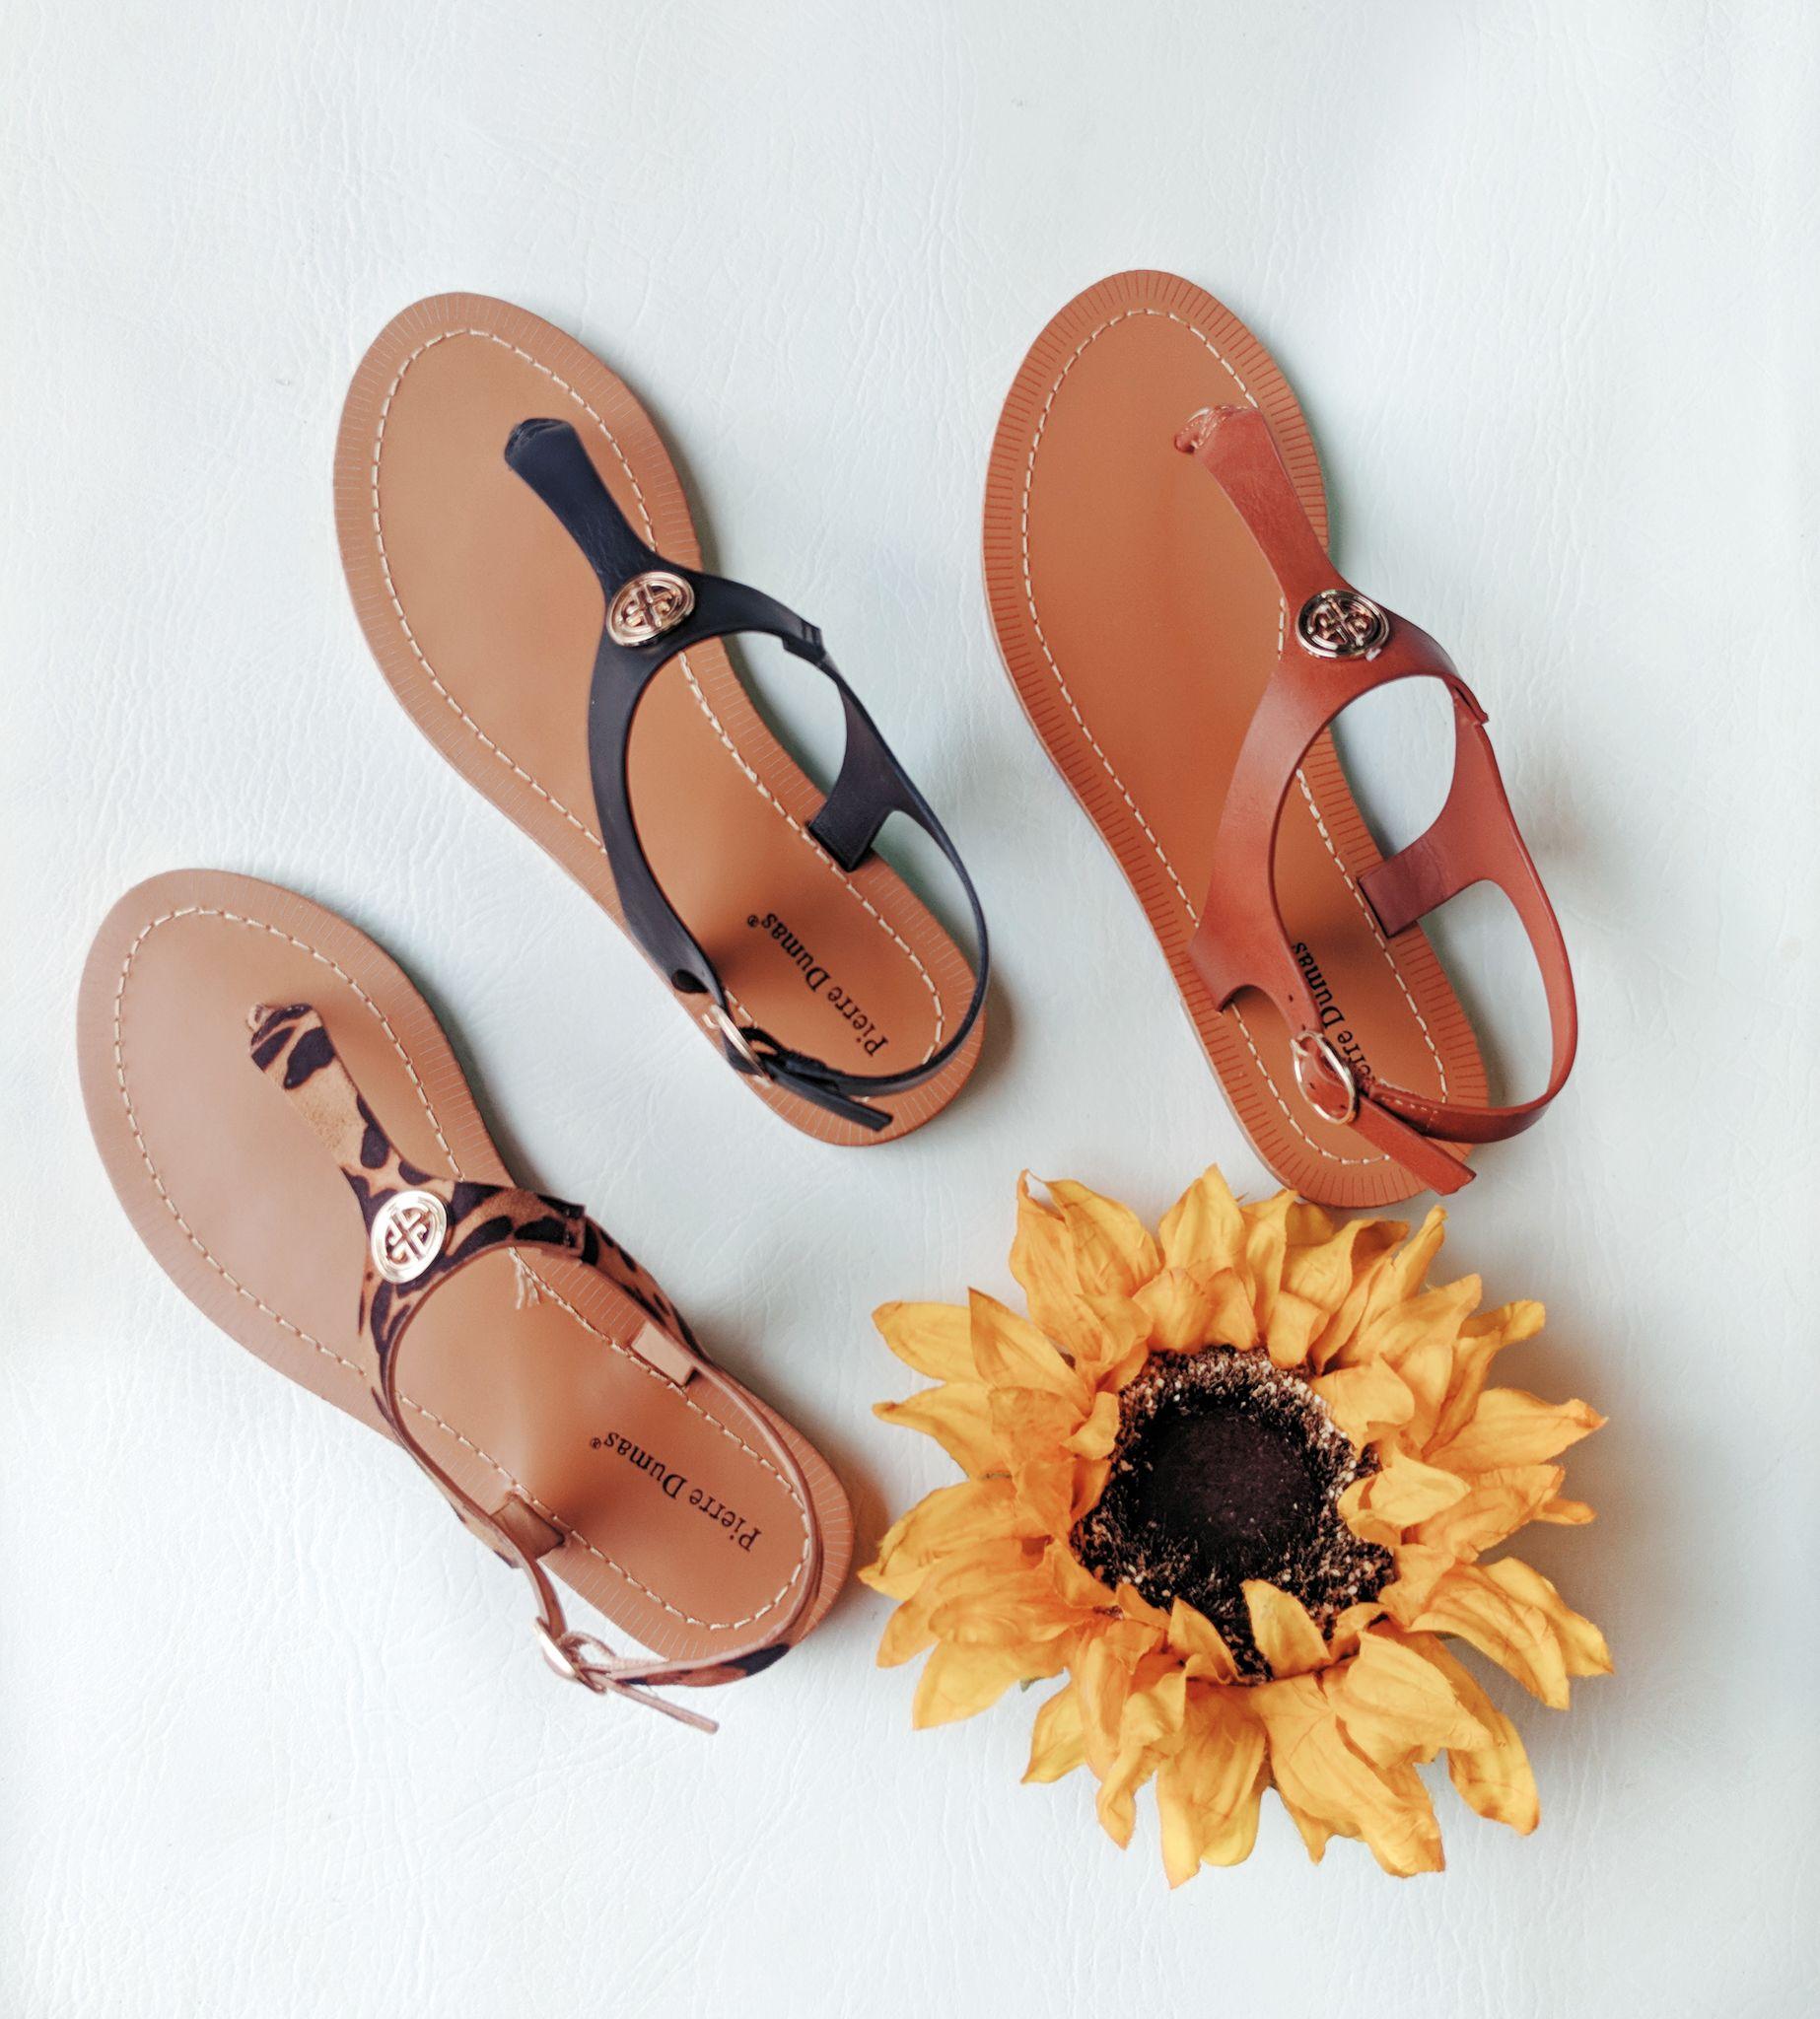 Strap Summer Sandal Pierre Dumas Shoes